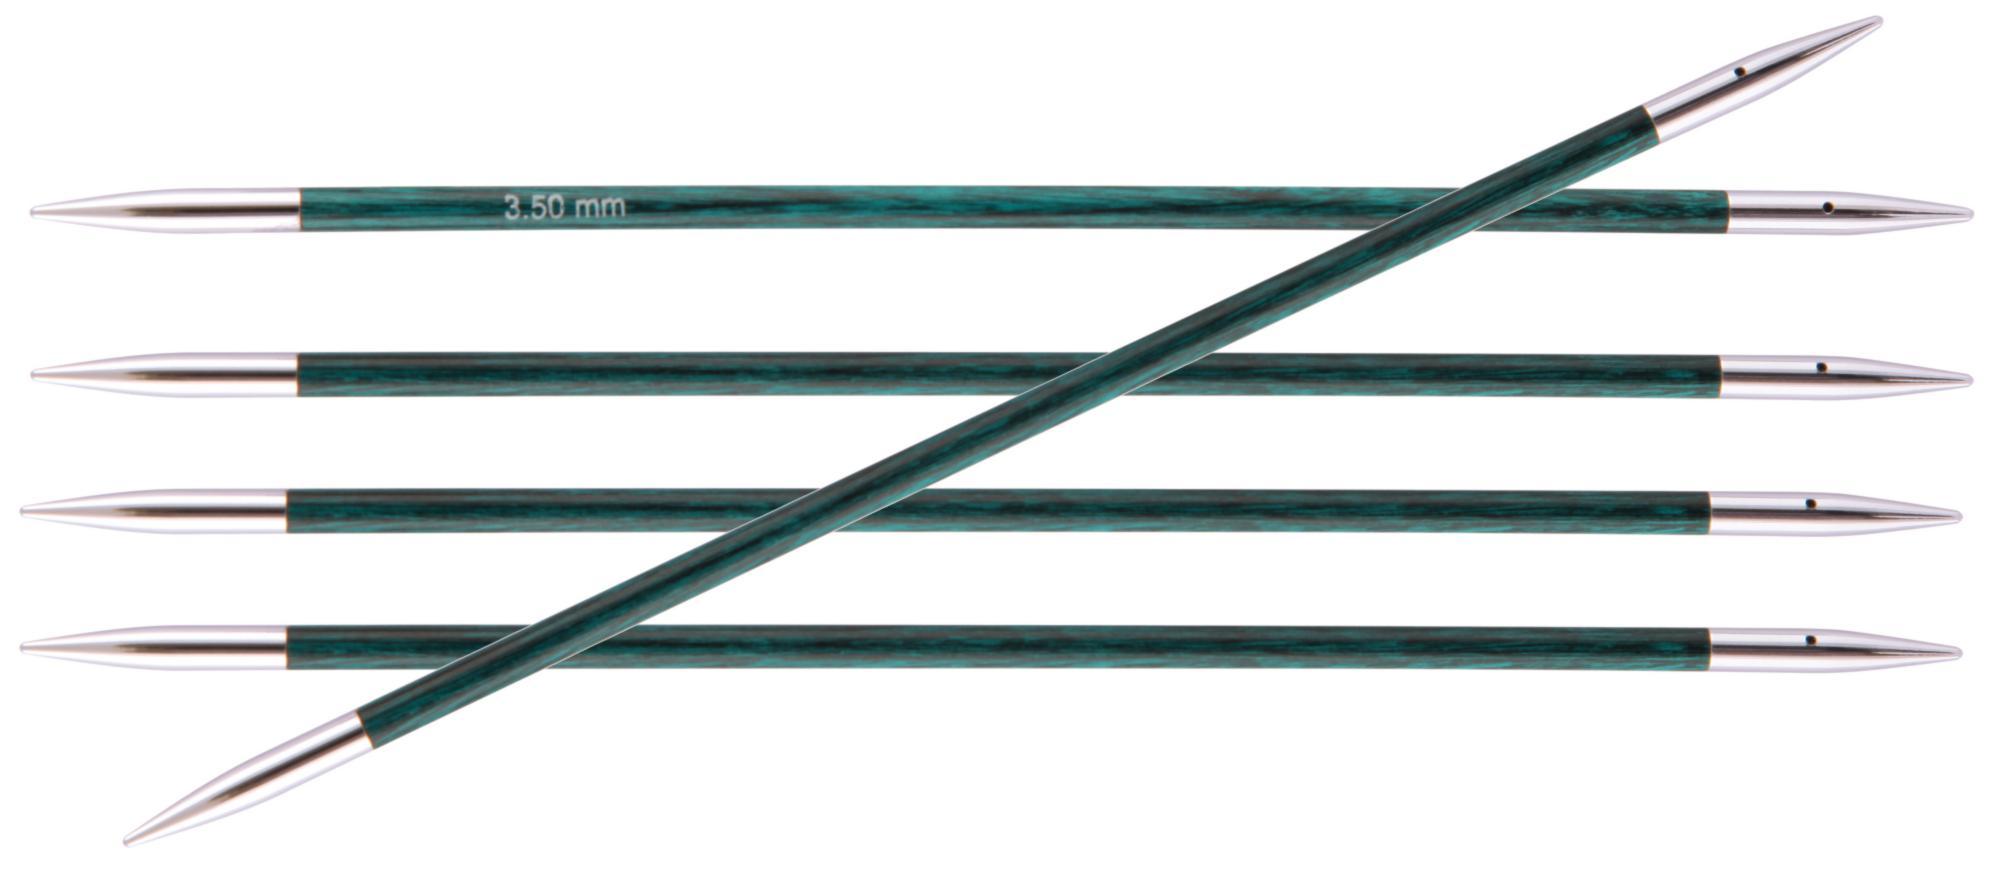 Спицы носочные 20 см Royale KnitPro, 29035, 3.50 мм